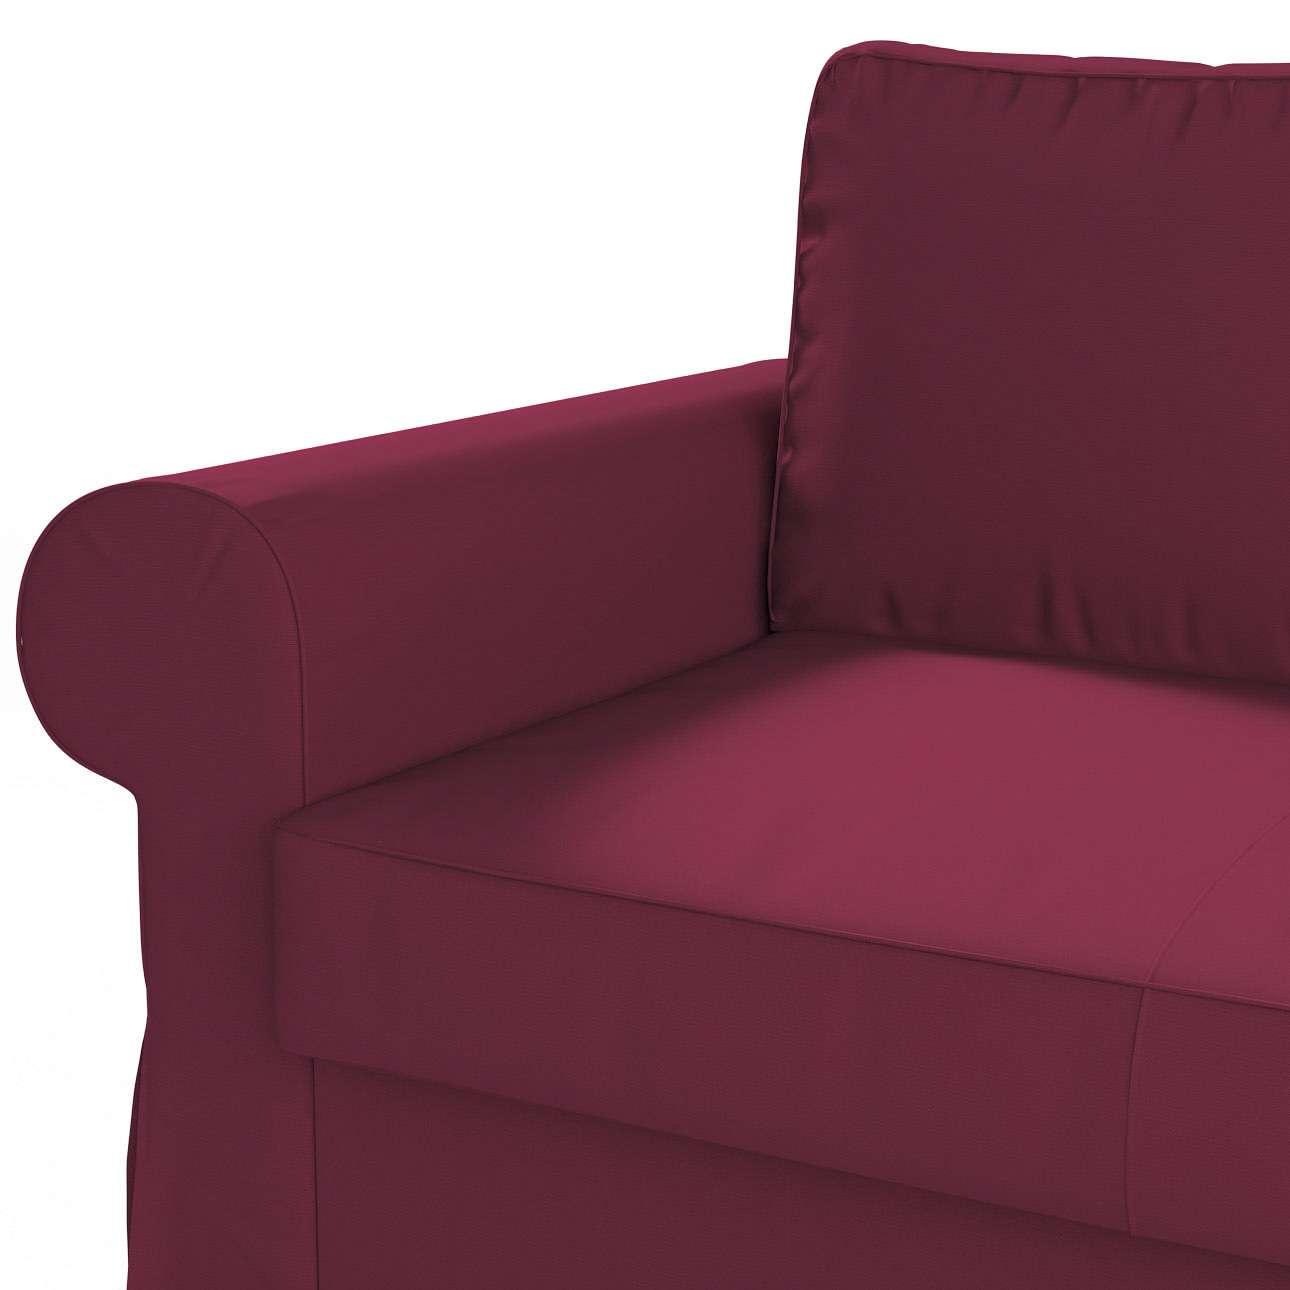 Bezug für Backabro 2-Sitzer Sofa ausklappbar von der Kollektion Cotton Panama, Stoff: 702-32